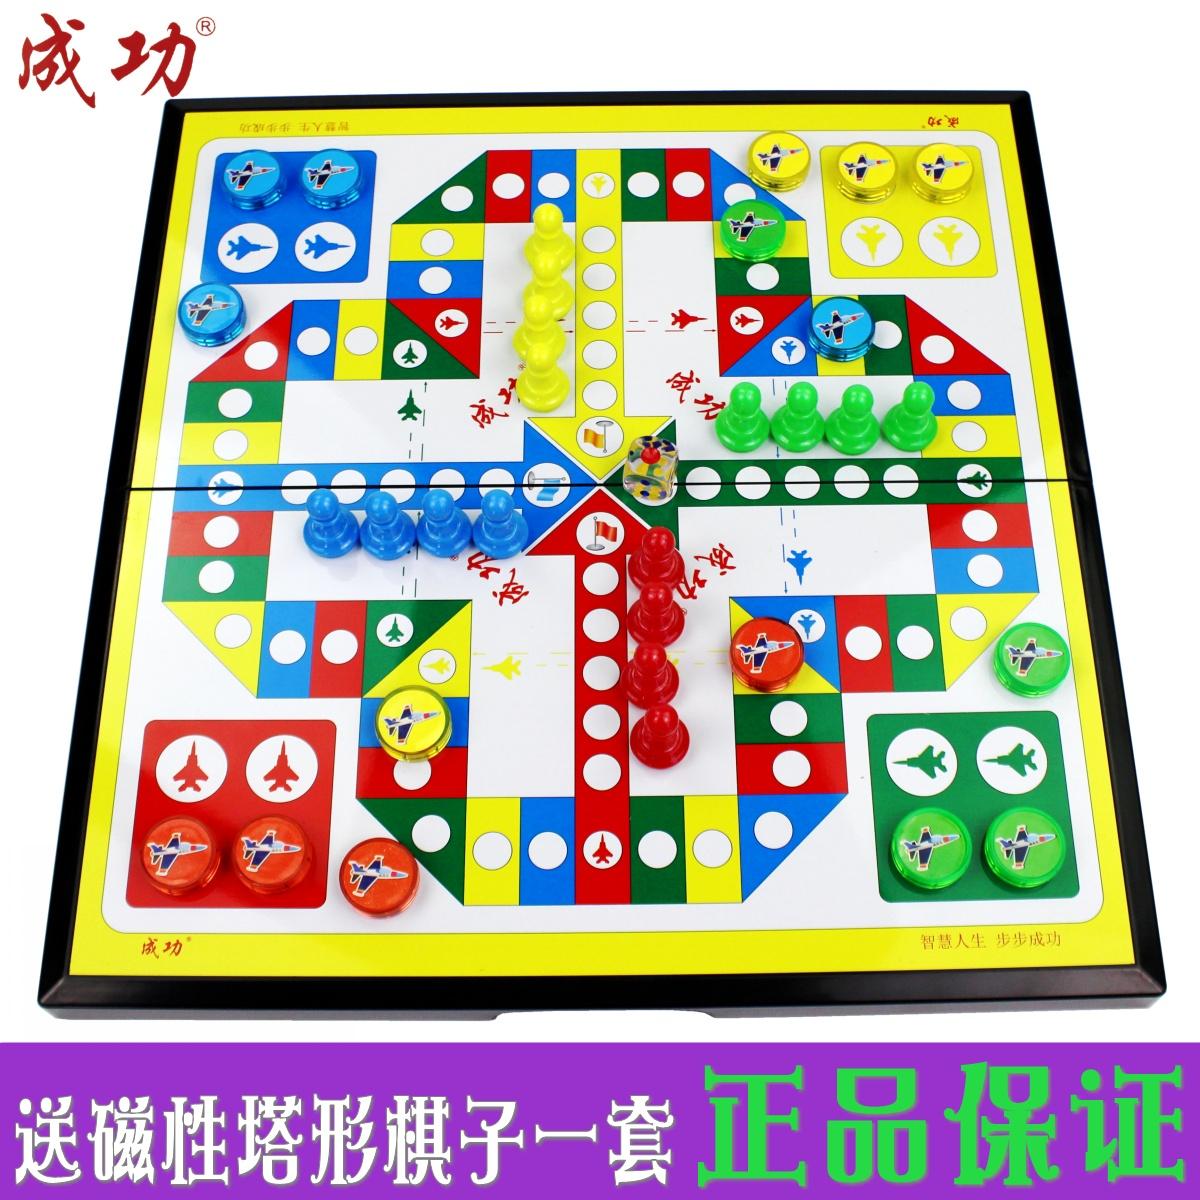 磁性飛行棋成功兒童益智大號幼兒園學生飛機遊戲玩具親子禮物桌遊